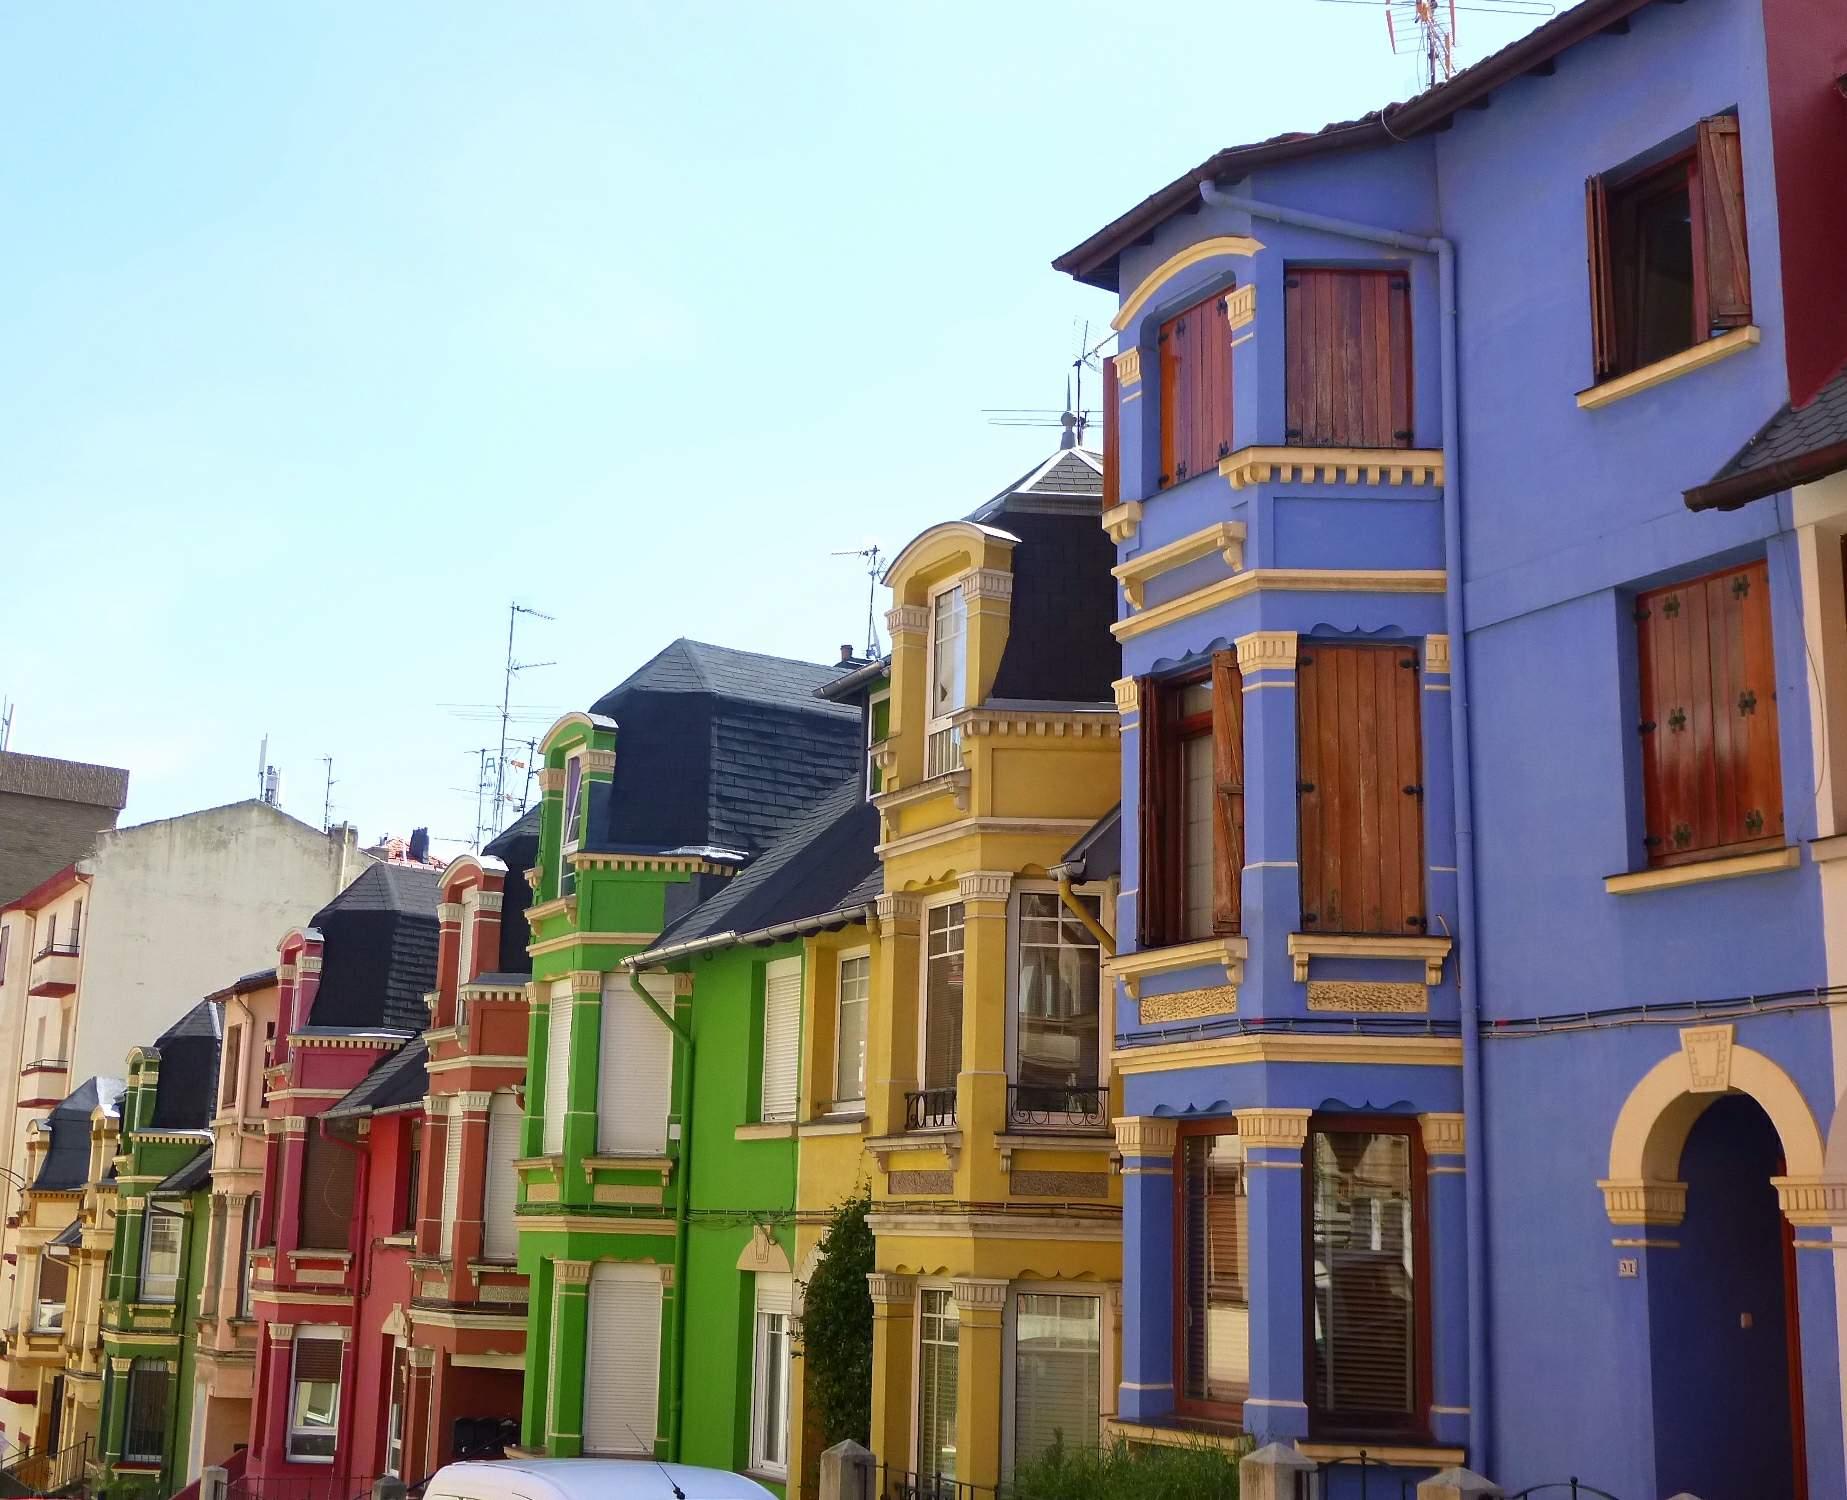 Дома в английском стиле района Irala в Бильбао